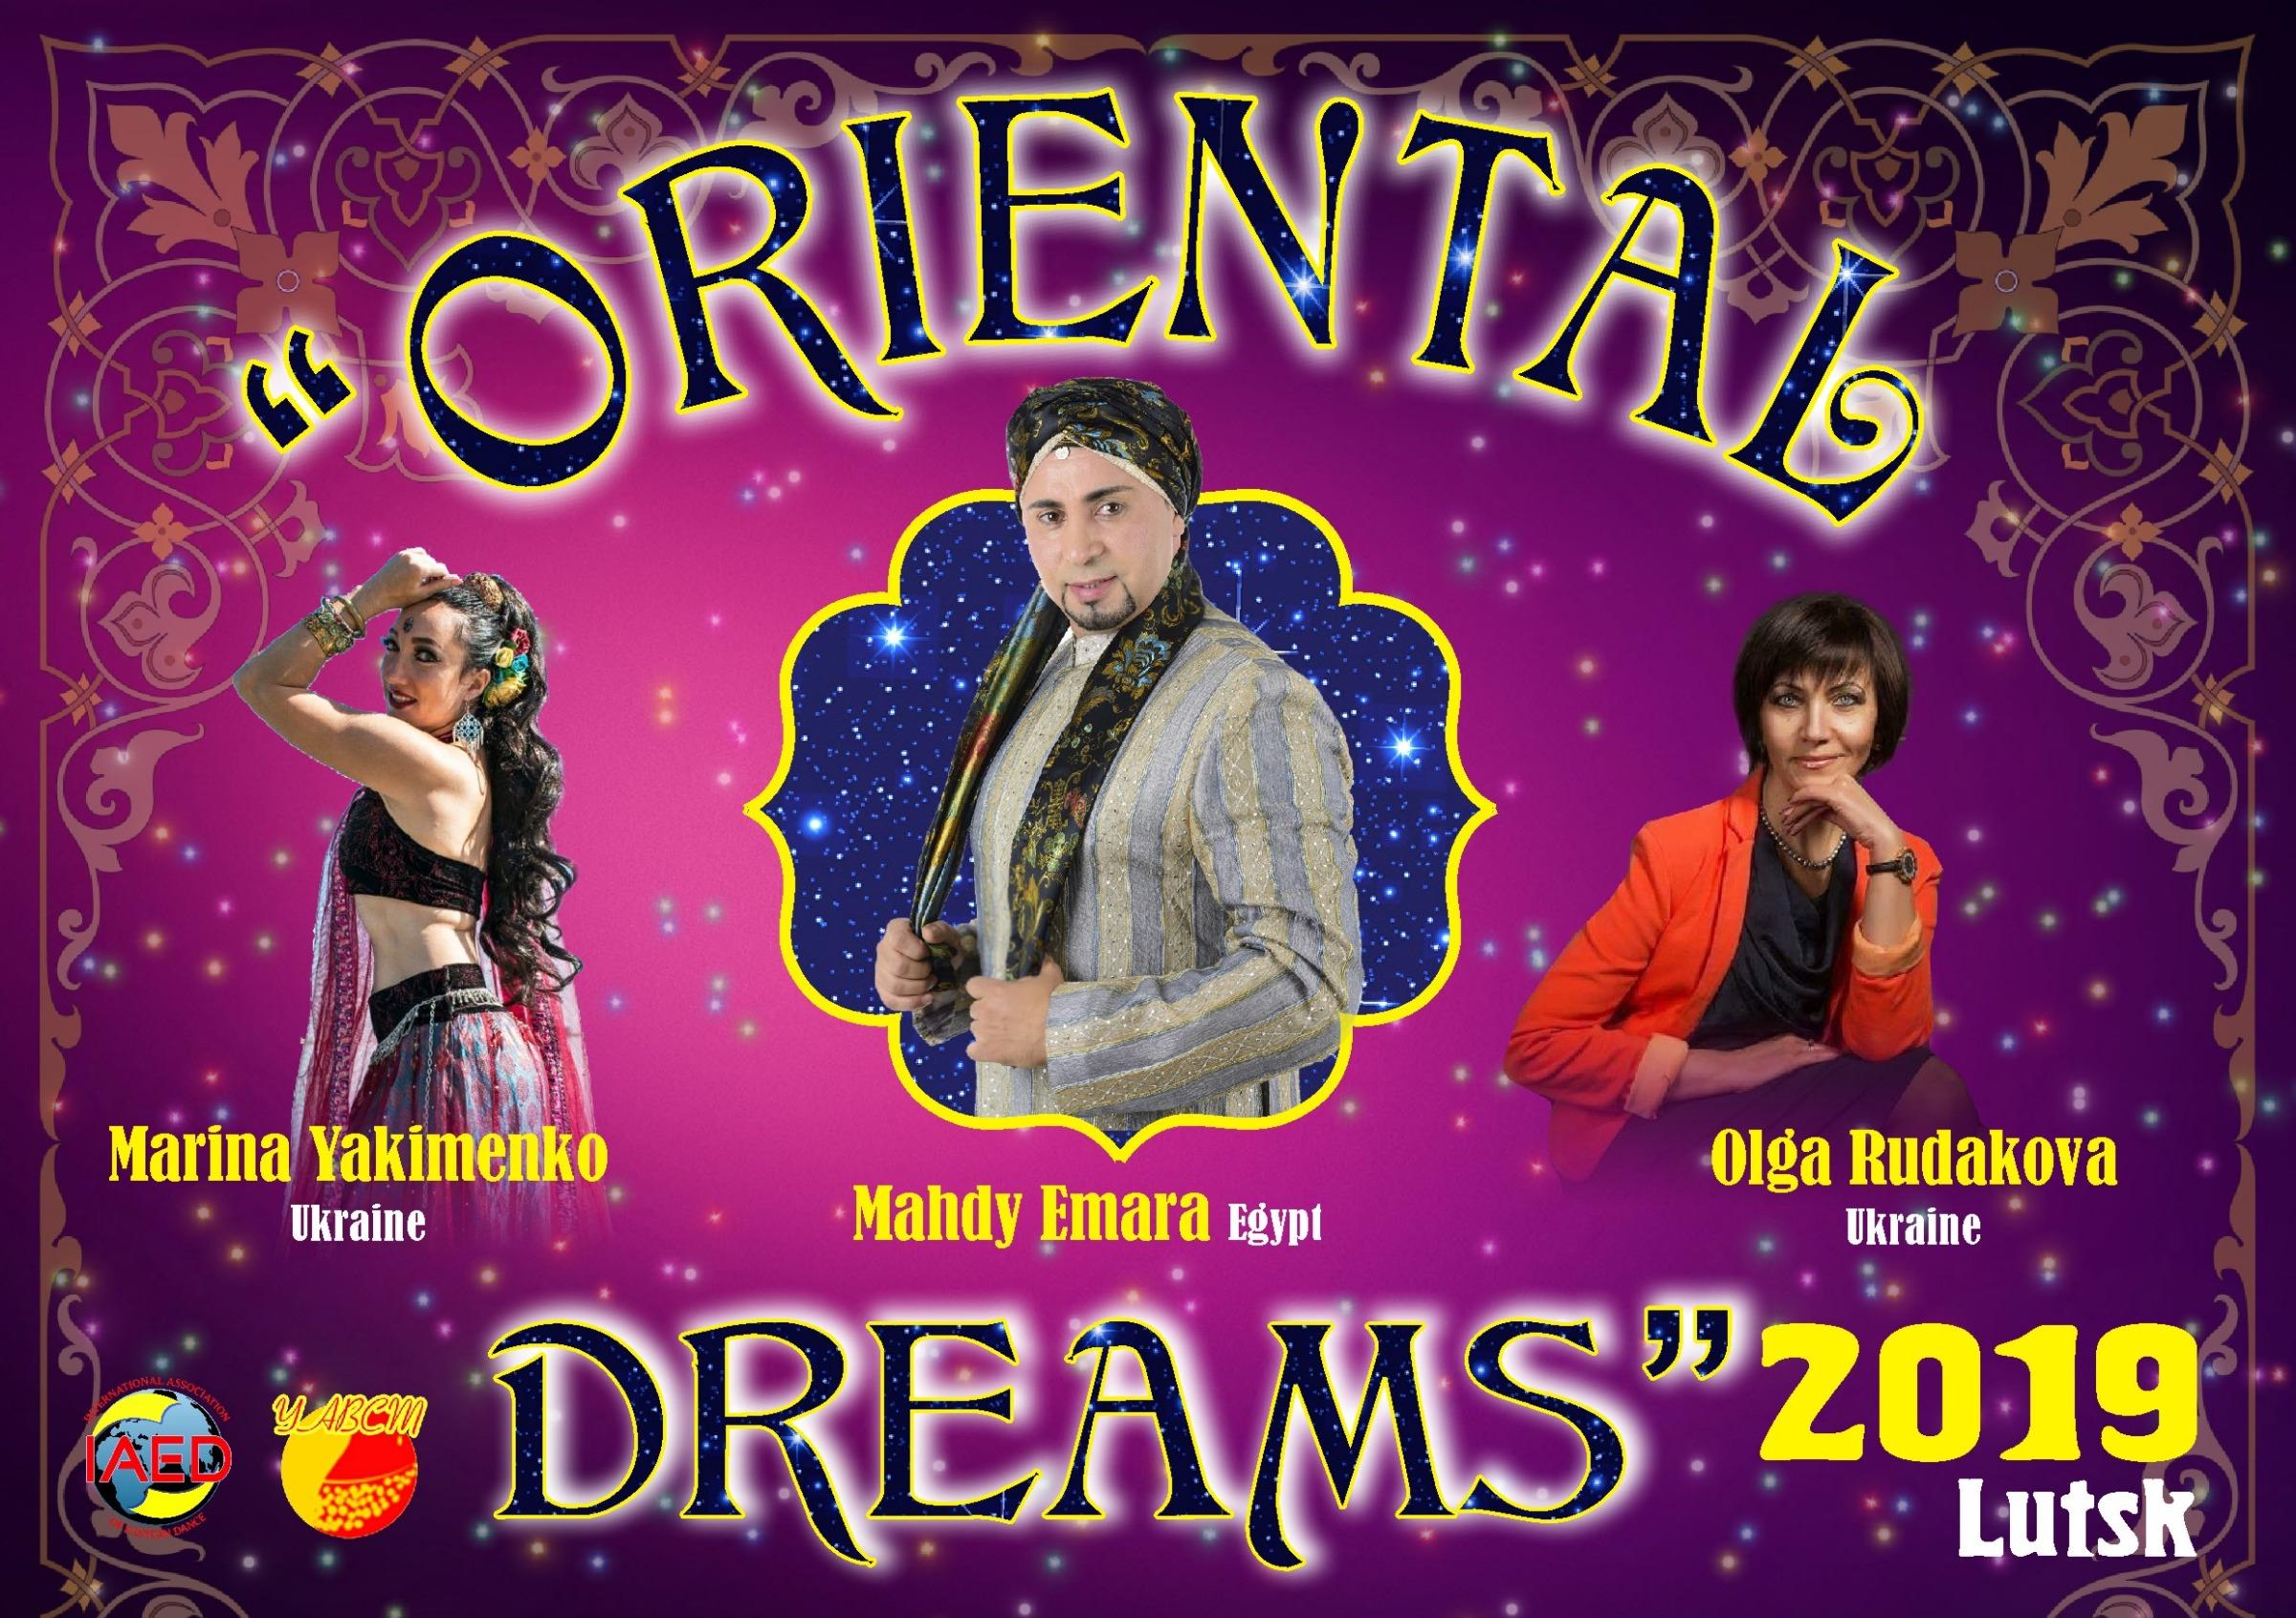 Oriental_Dreams_2019-09-14.jpg